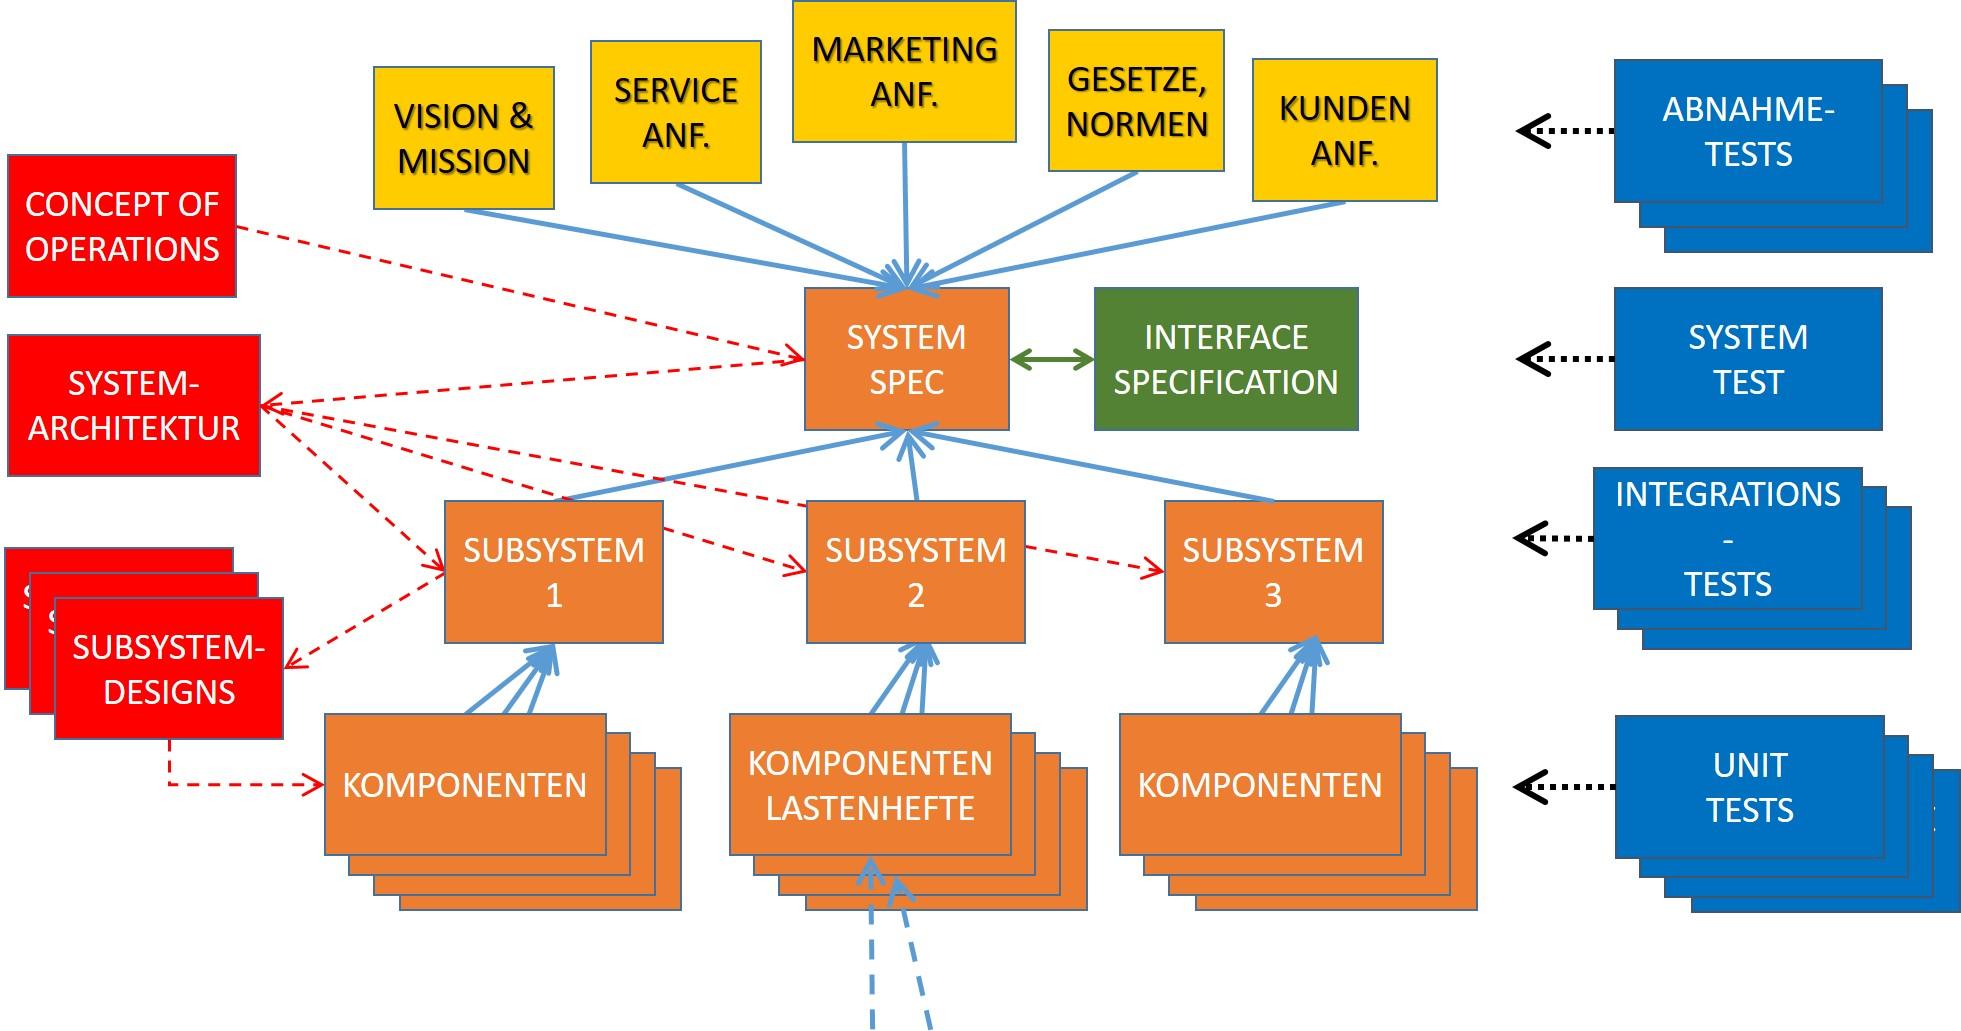 Abb. 5: Ein umfangreicheres Informationsmodell